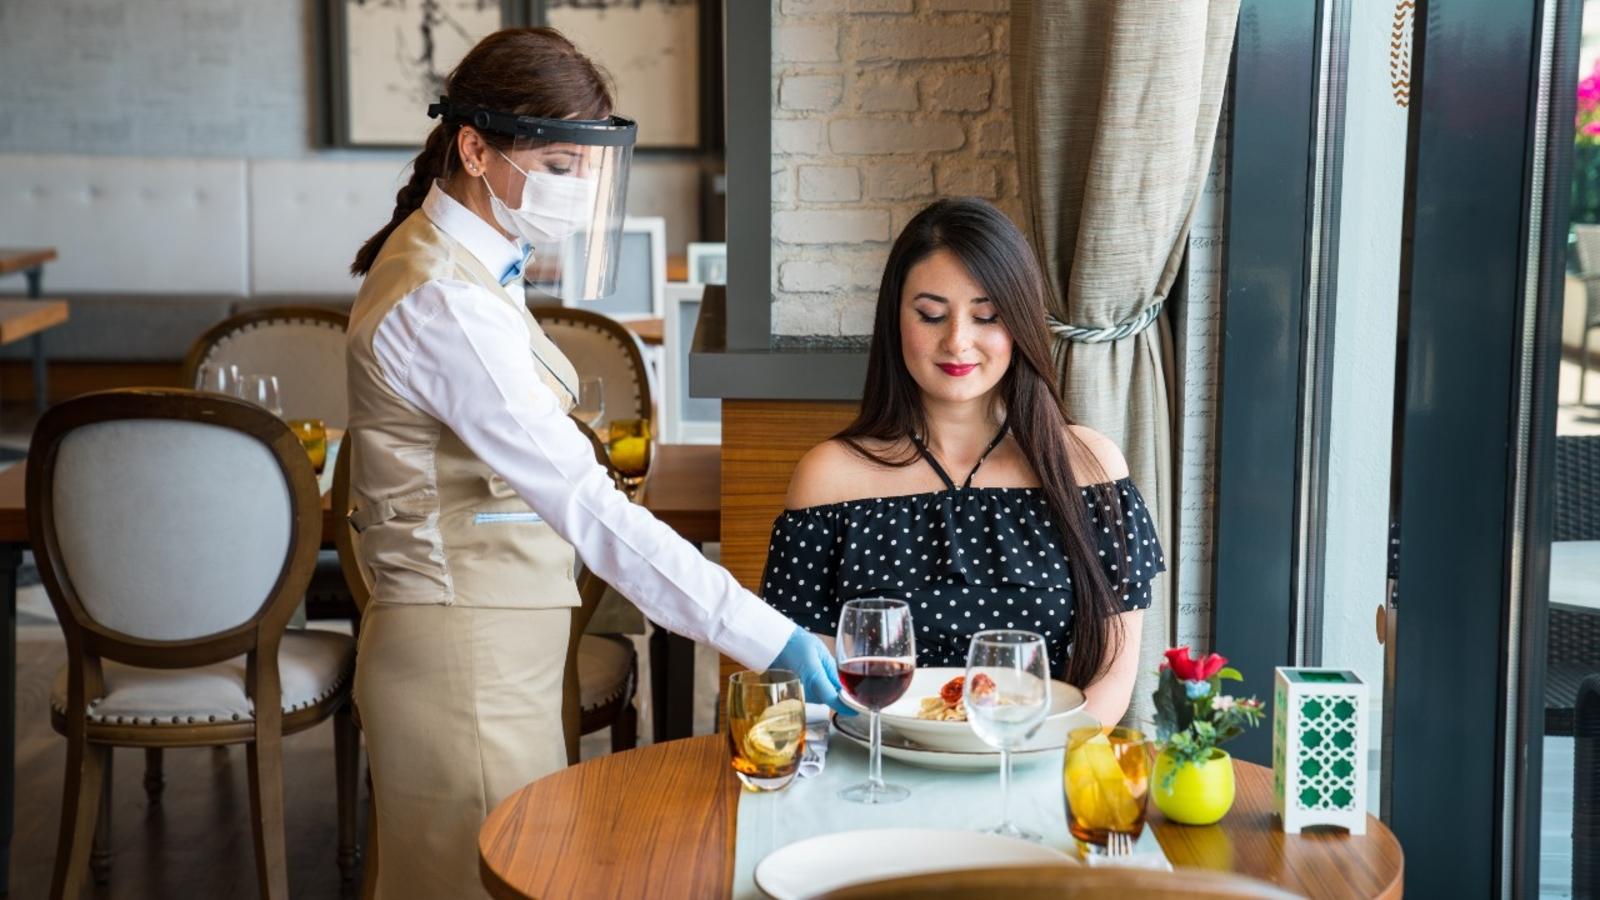 نگرانی رستوران ها از اجباری شدن گواهی واکسن در انتاریو